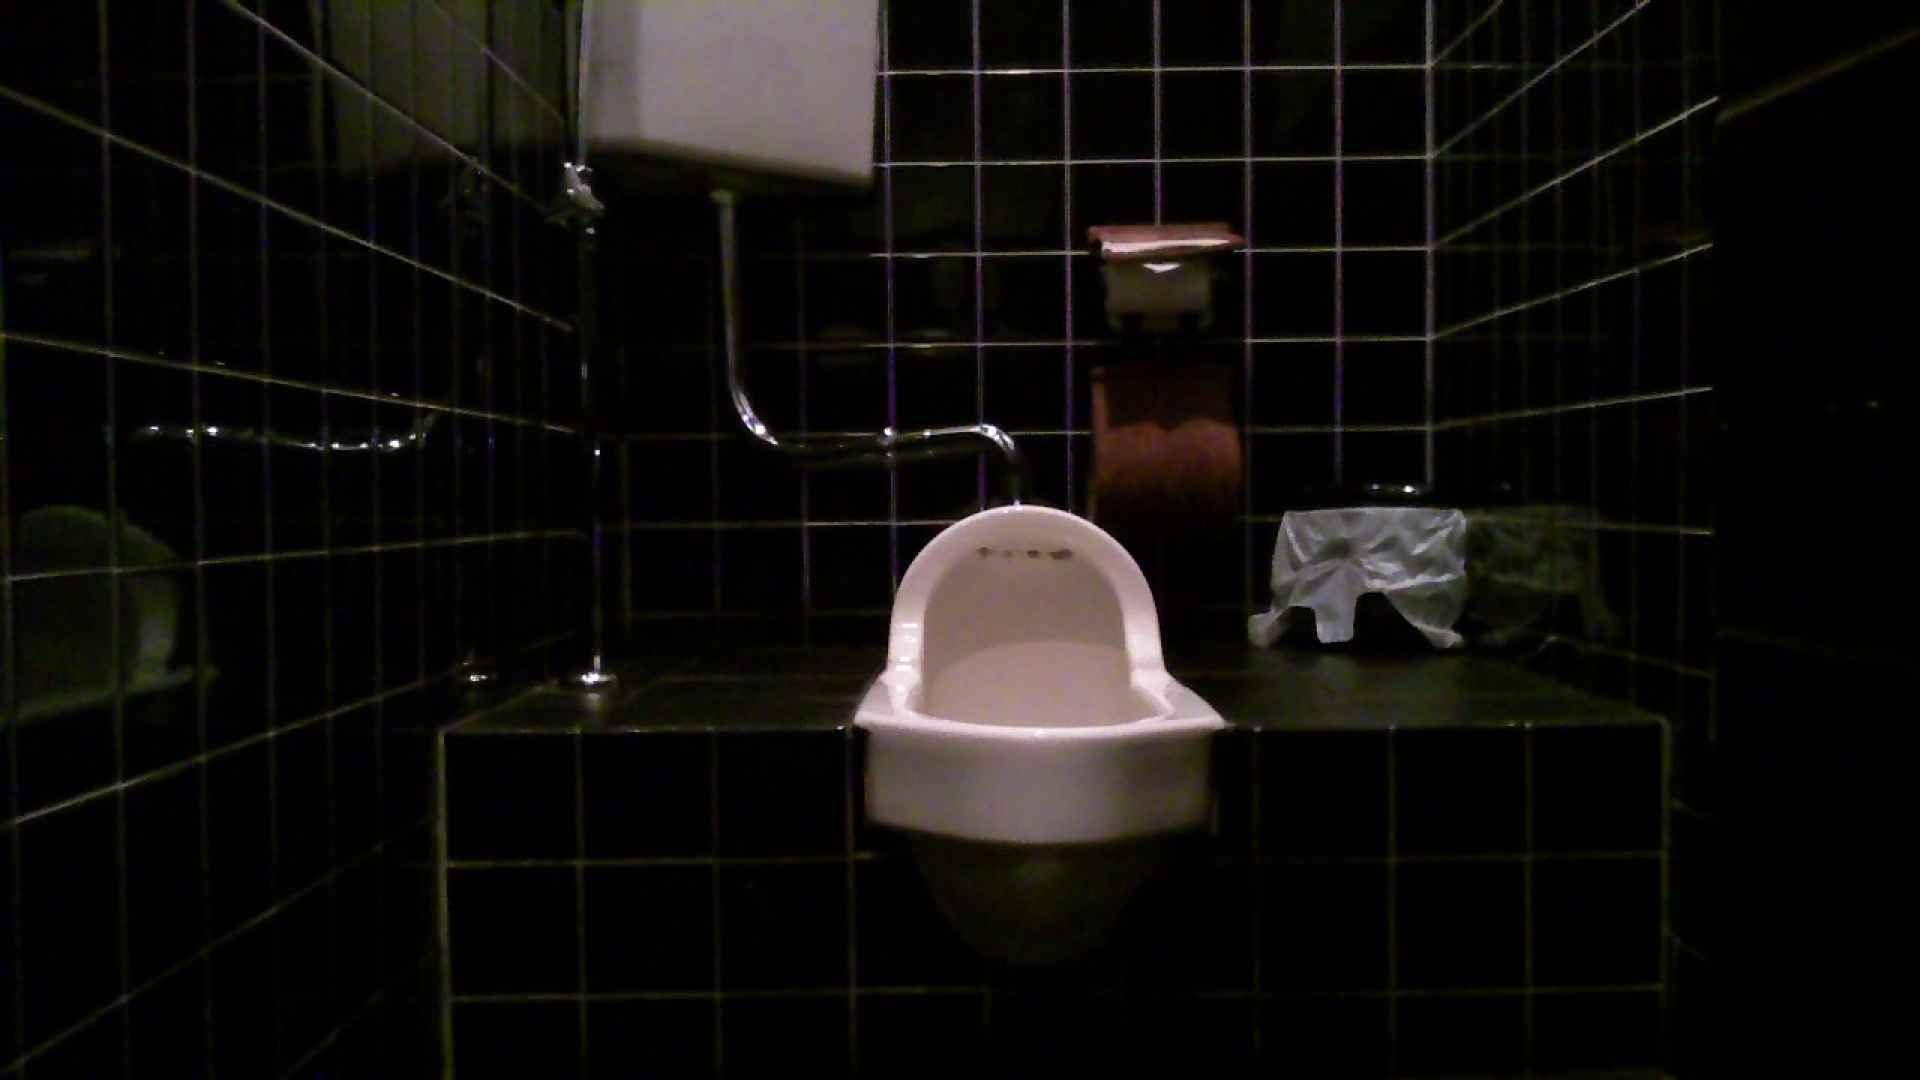 美女の集まる飲み屋洗面所 vol.05 OLの実態 覗きスケベ動画紹介 61pic 10